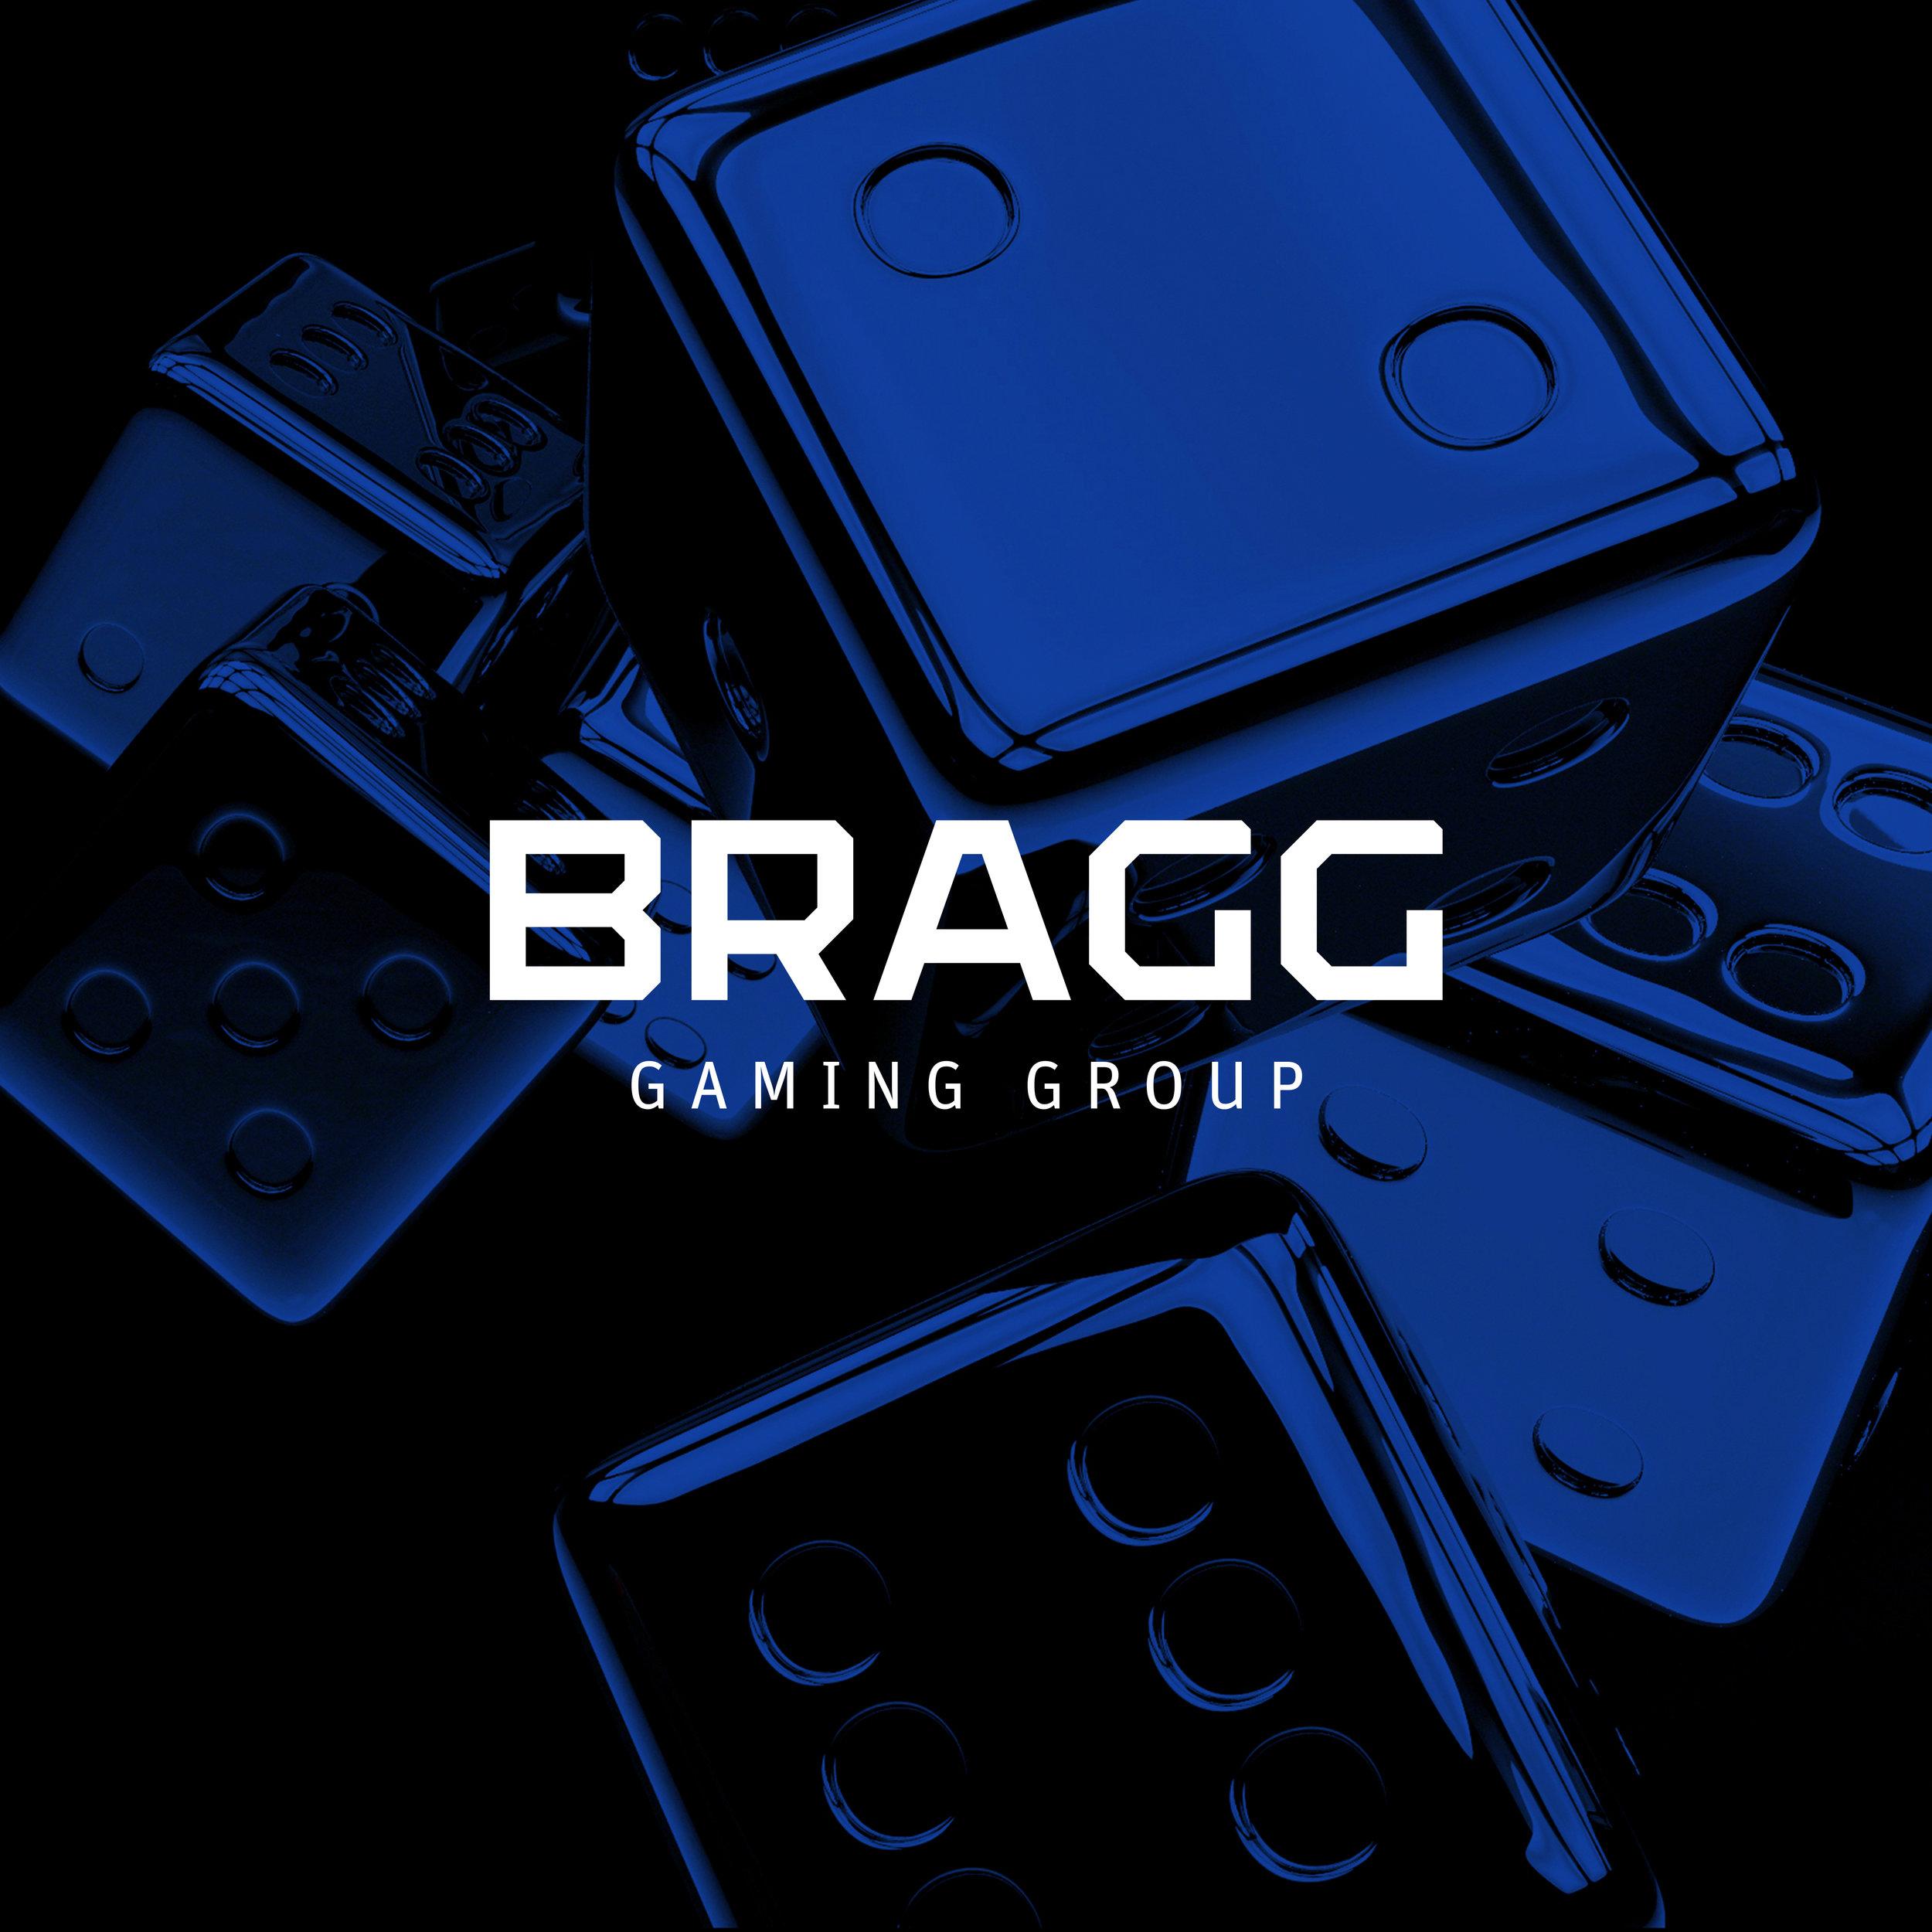 BRAGG_logo.jpg